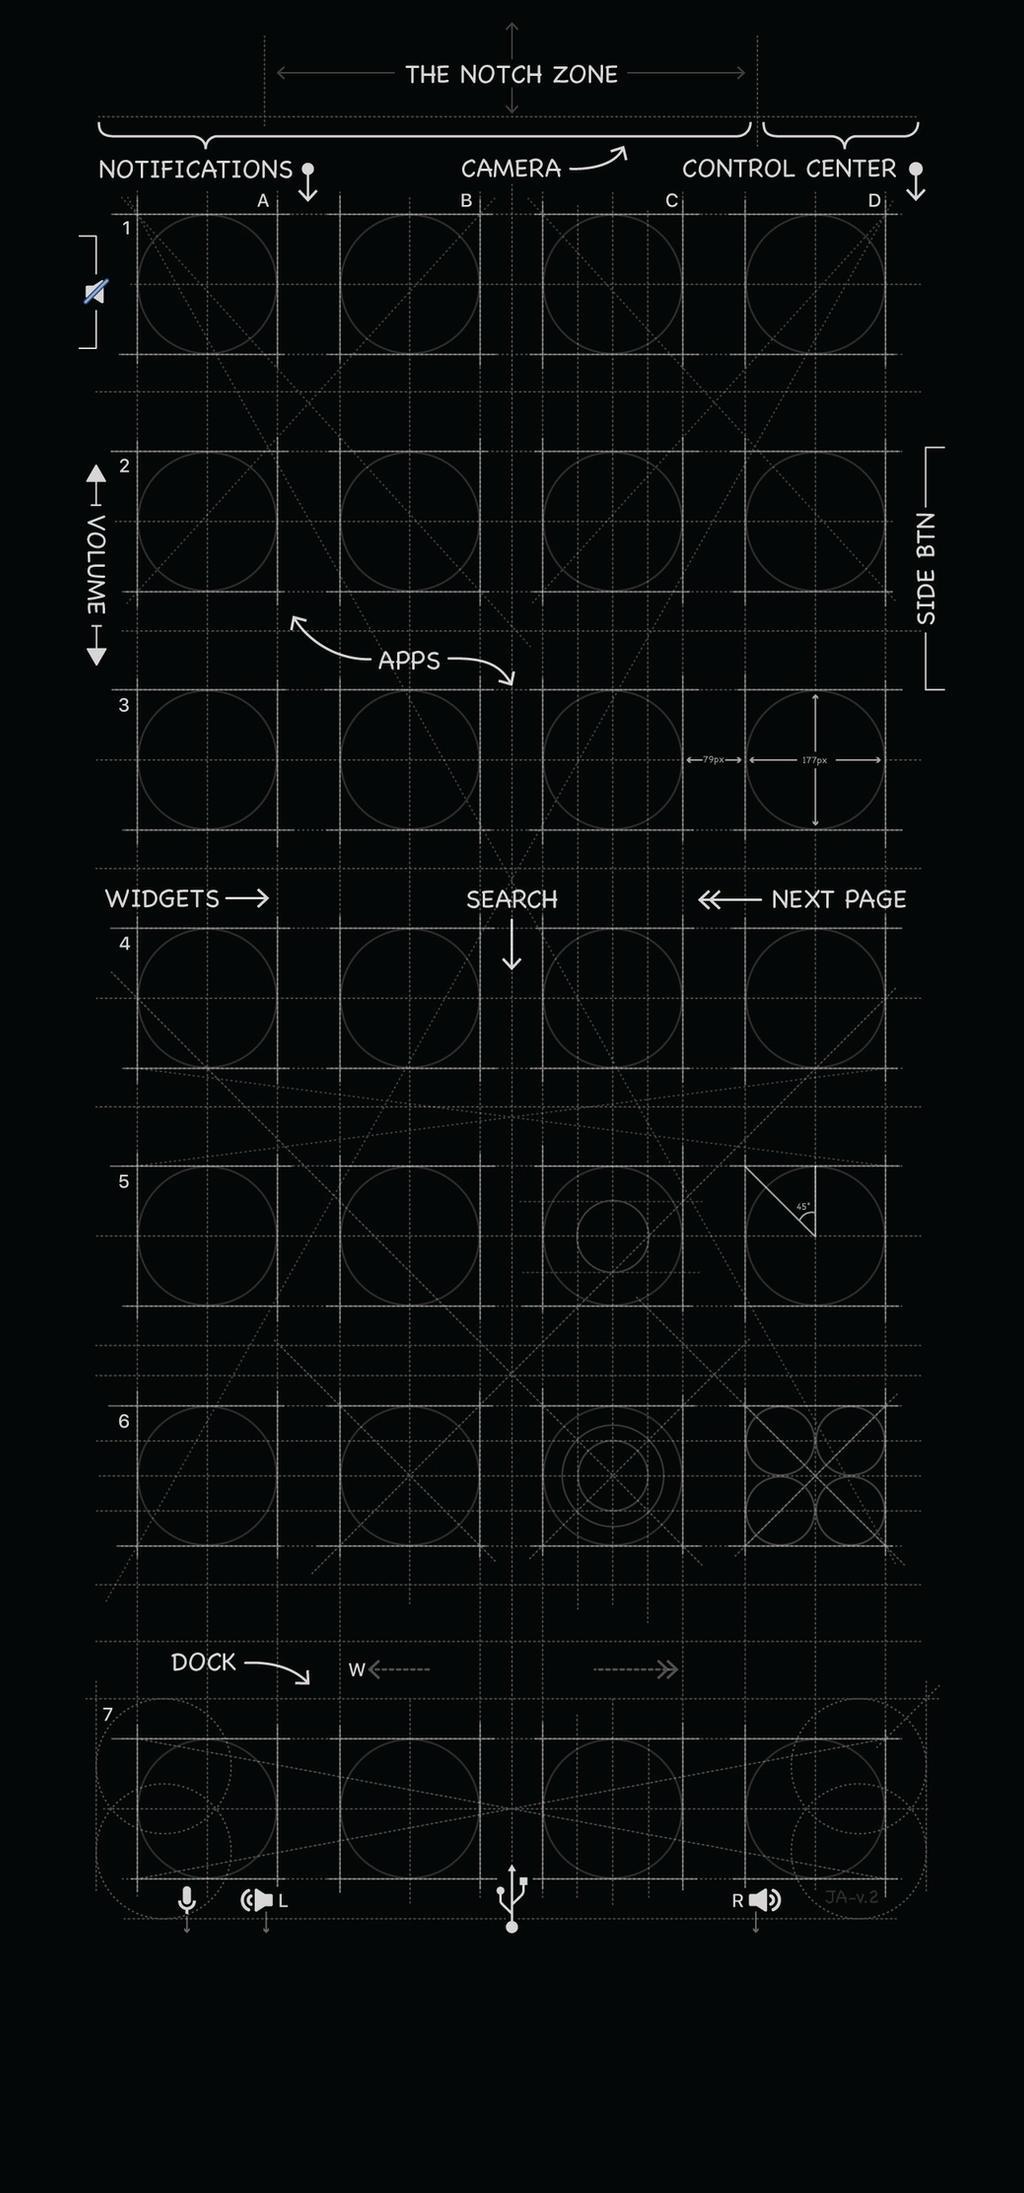 iPhone X Blueprint Wallpaper in Black